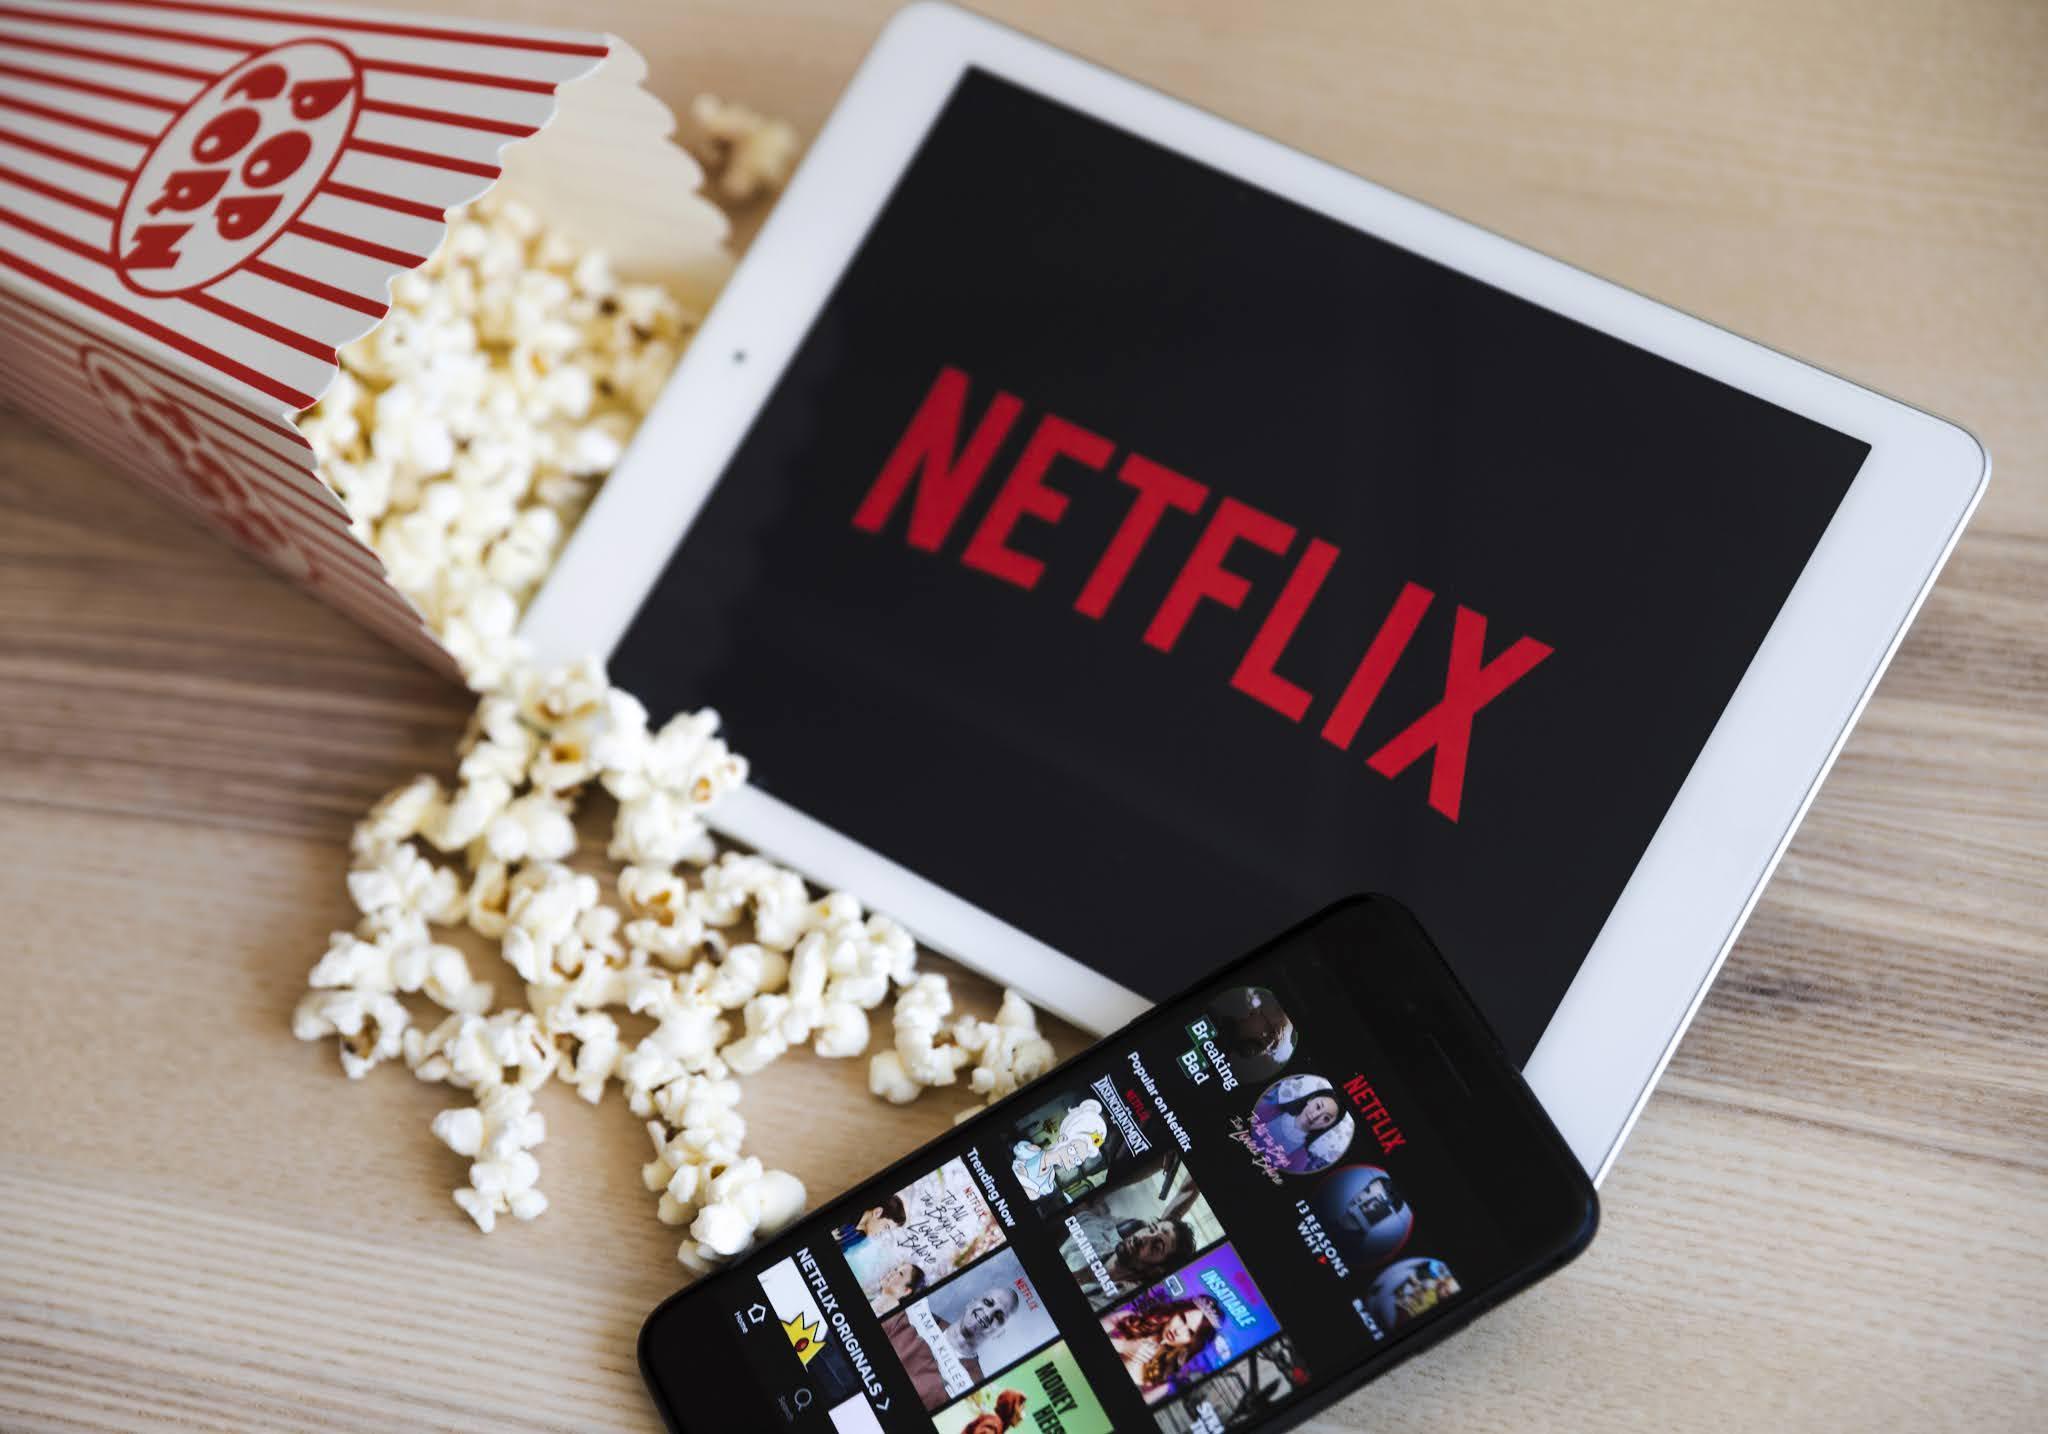 Cual es la serie más vista en la historia de Netflix